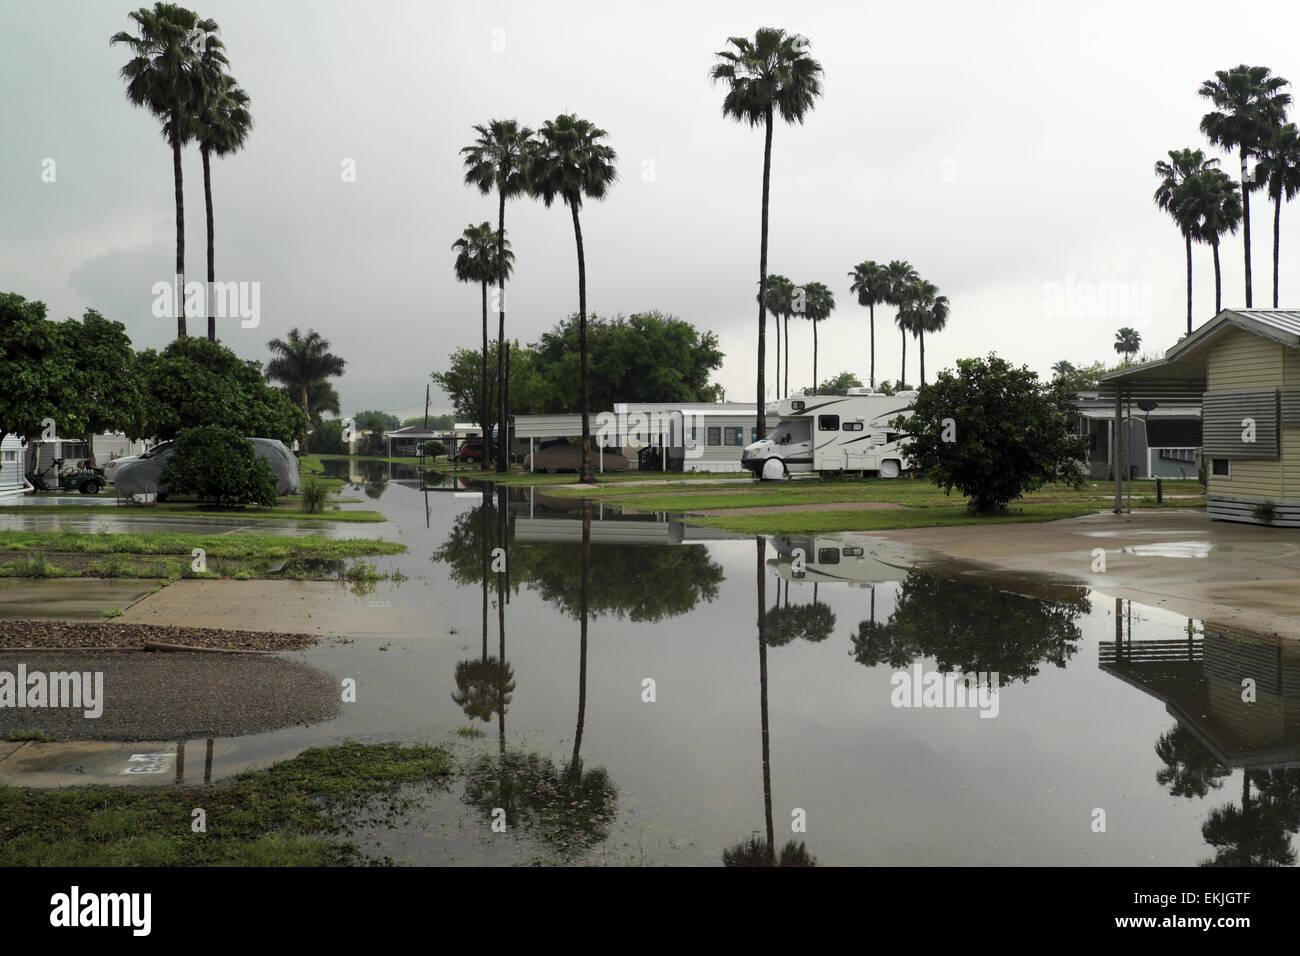 Les inondations d'avril dans une maison mobile/RV Park à Mission, Texas, États-Unis Photo Stock